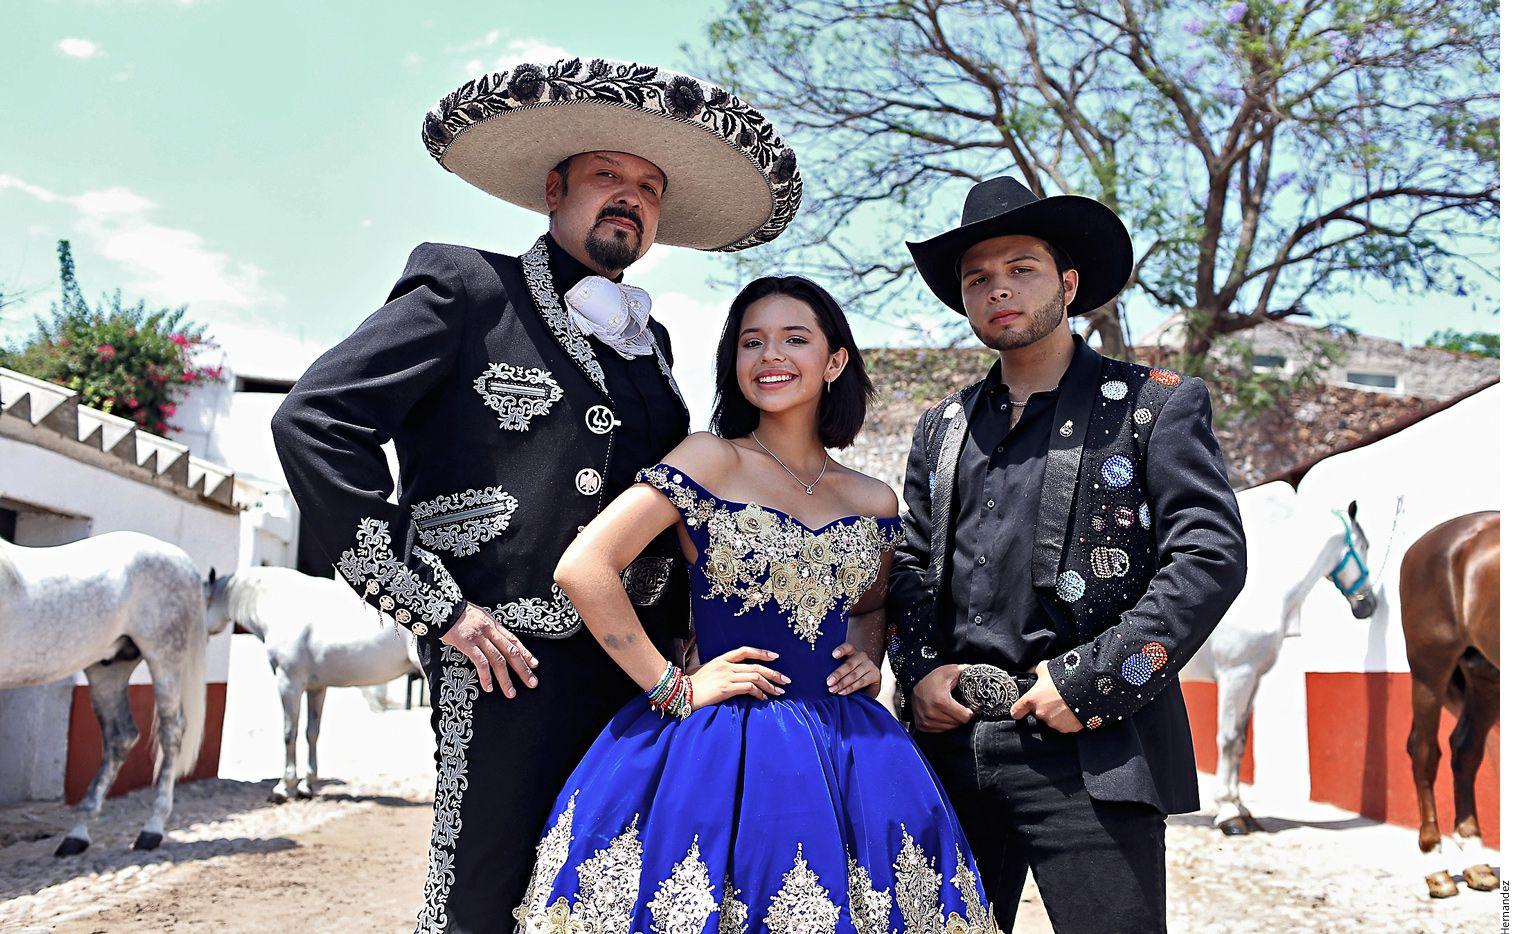 En el espectáculo ecuestre de Pepe Aguilar (izq.), que estrena este viernes en Aguascalientes, participan sus hijos Angela (centro) y Leonardo (der.). AGENCIA REFORMA